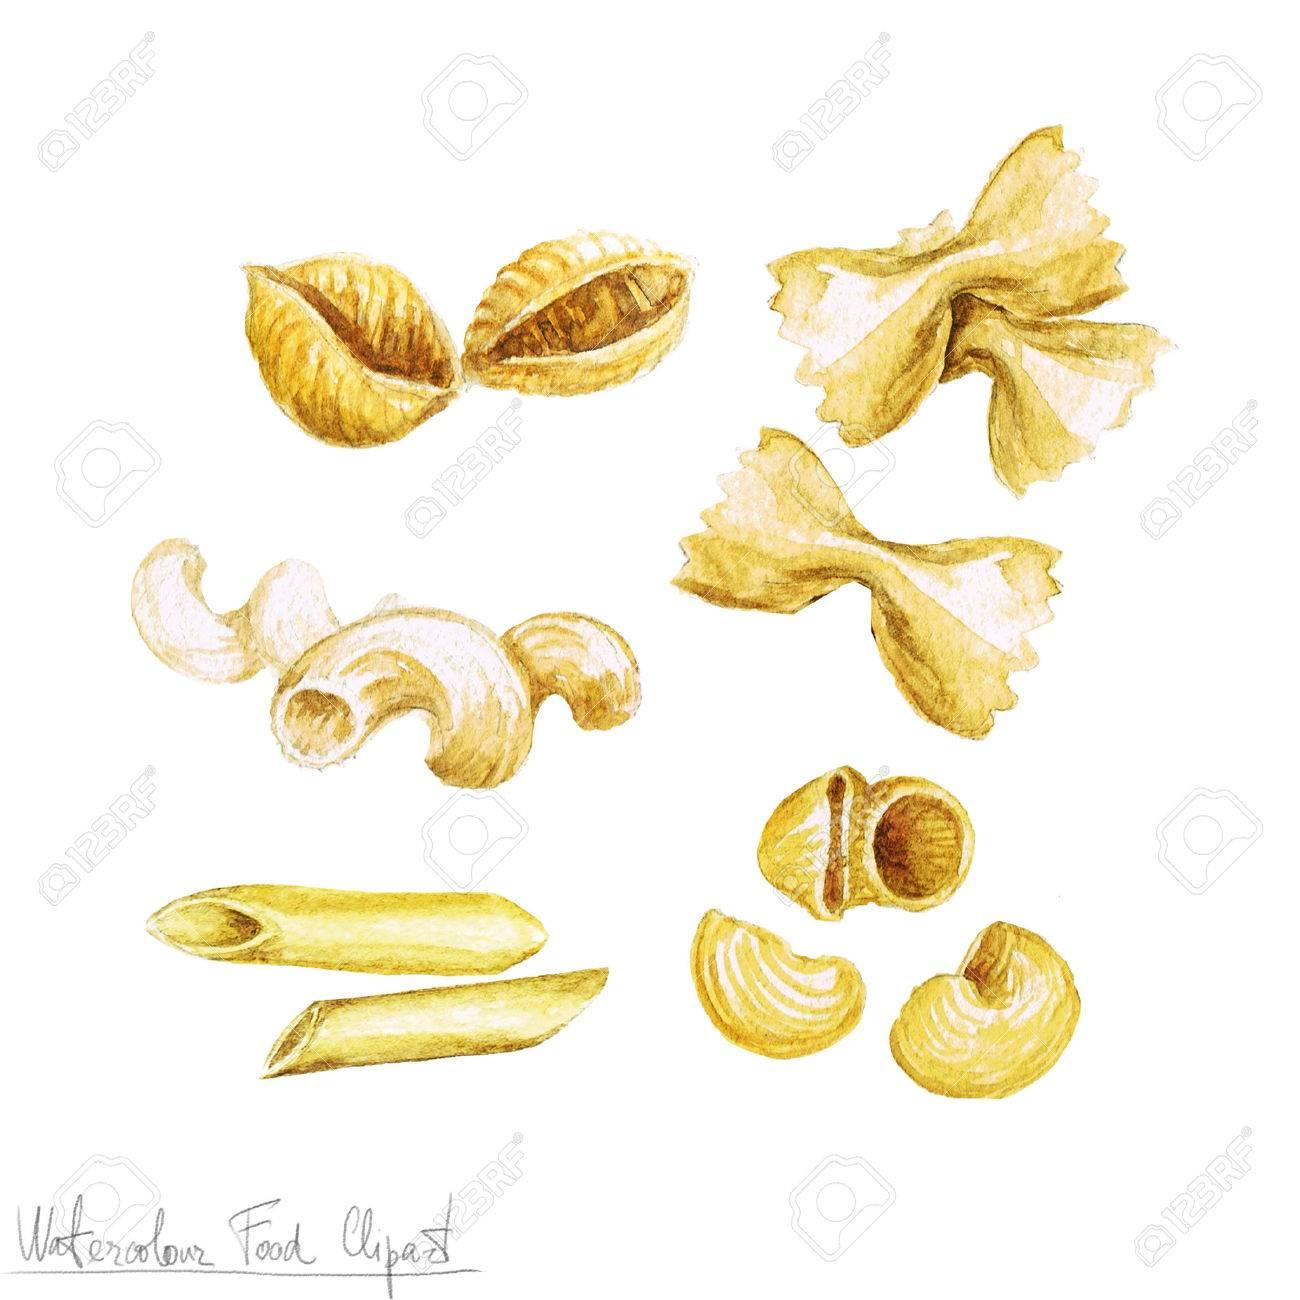 水彩食べ物クリップアート パスタ の写真素材画像素材 Image 52944172